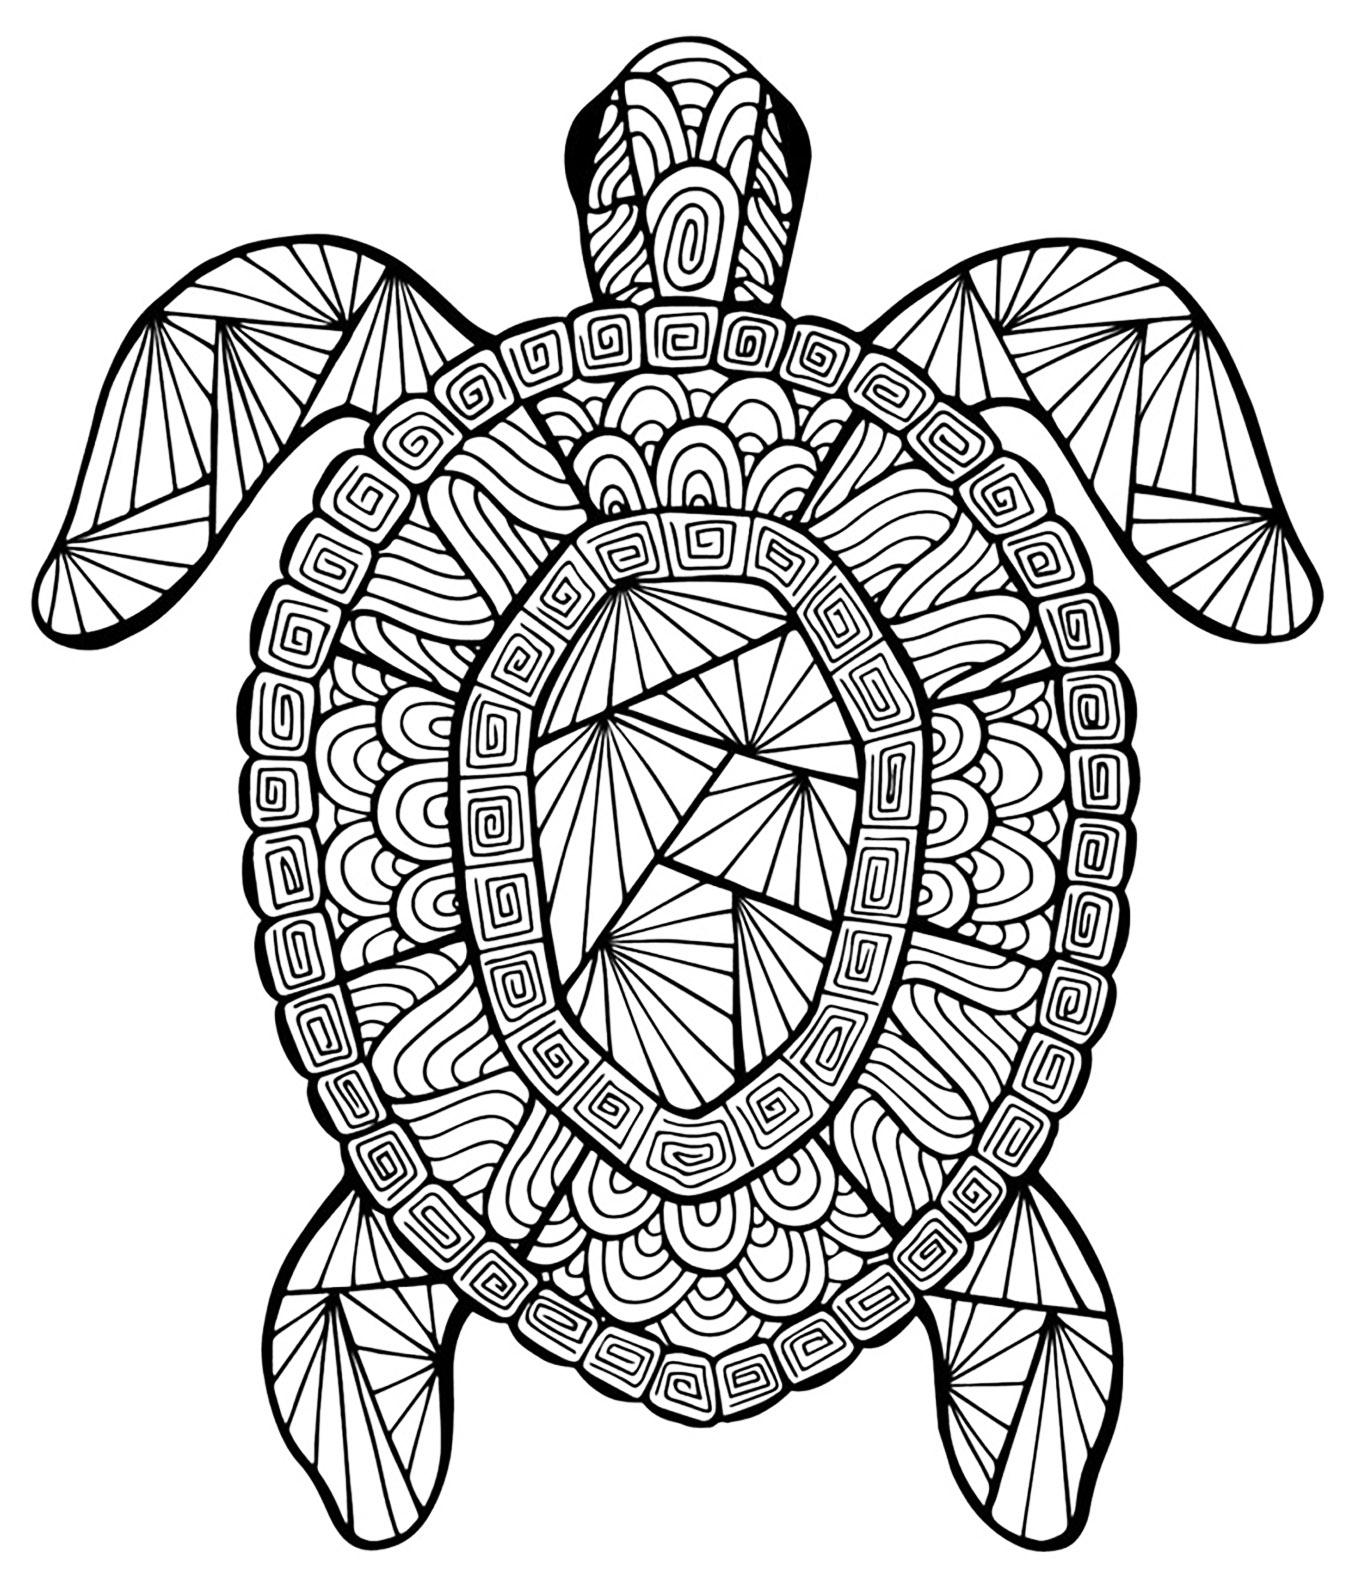 Hidden animali disegni da colorare per adulti for Animali da colorare per adulti